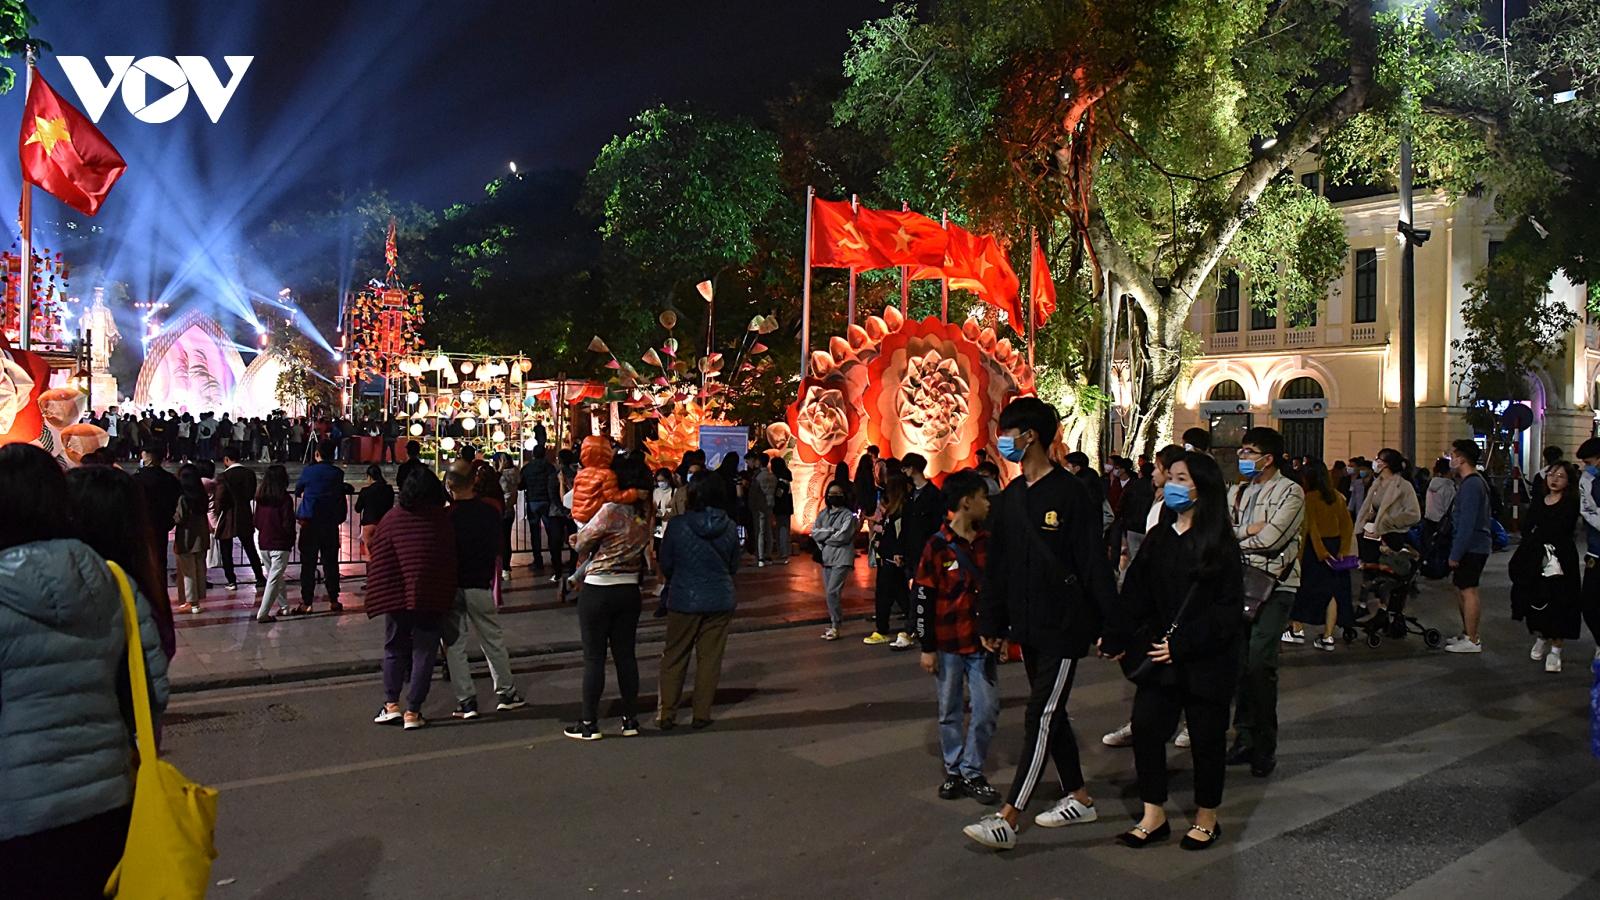 Du lịch Hà Nội: Thay đổi để phục hồi